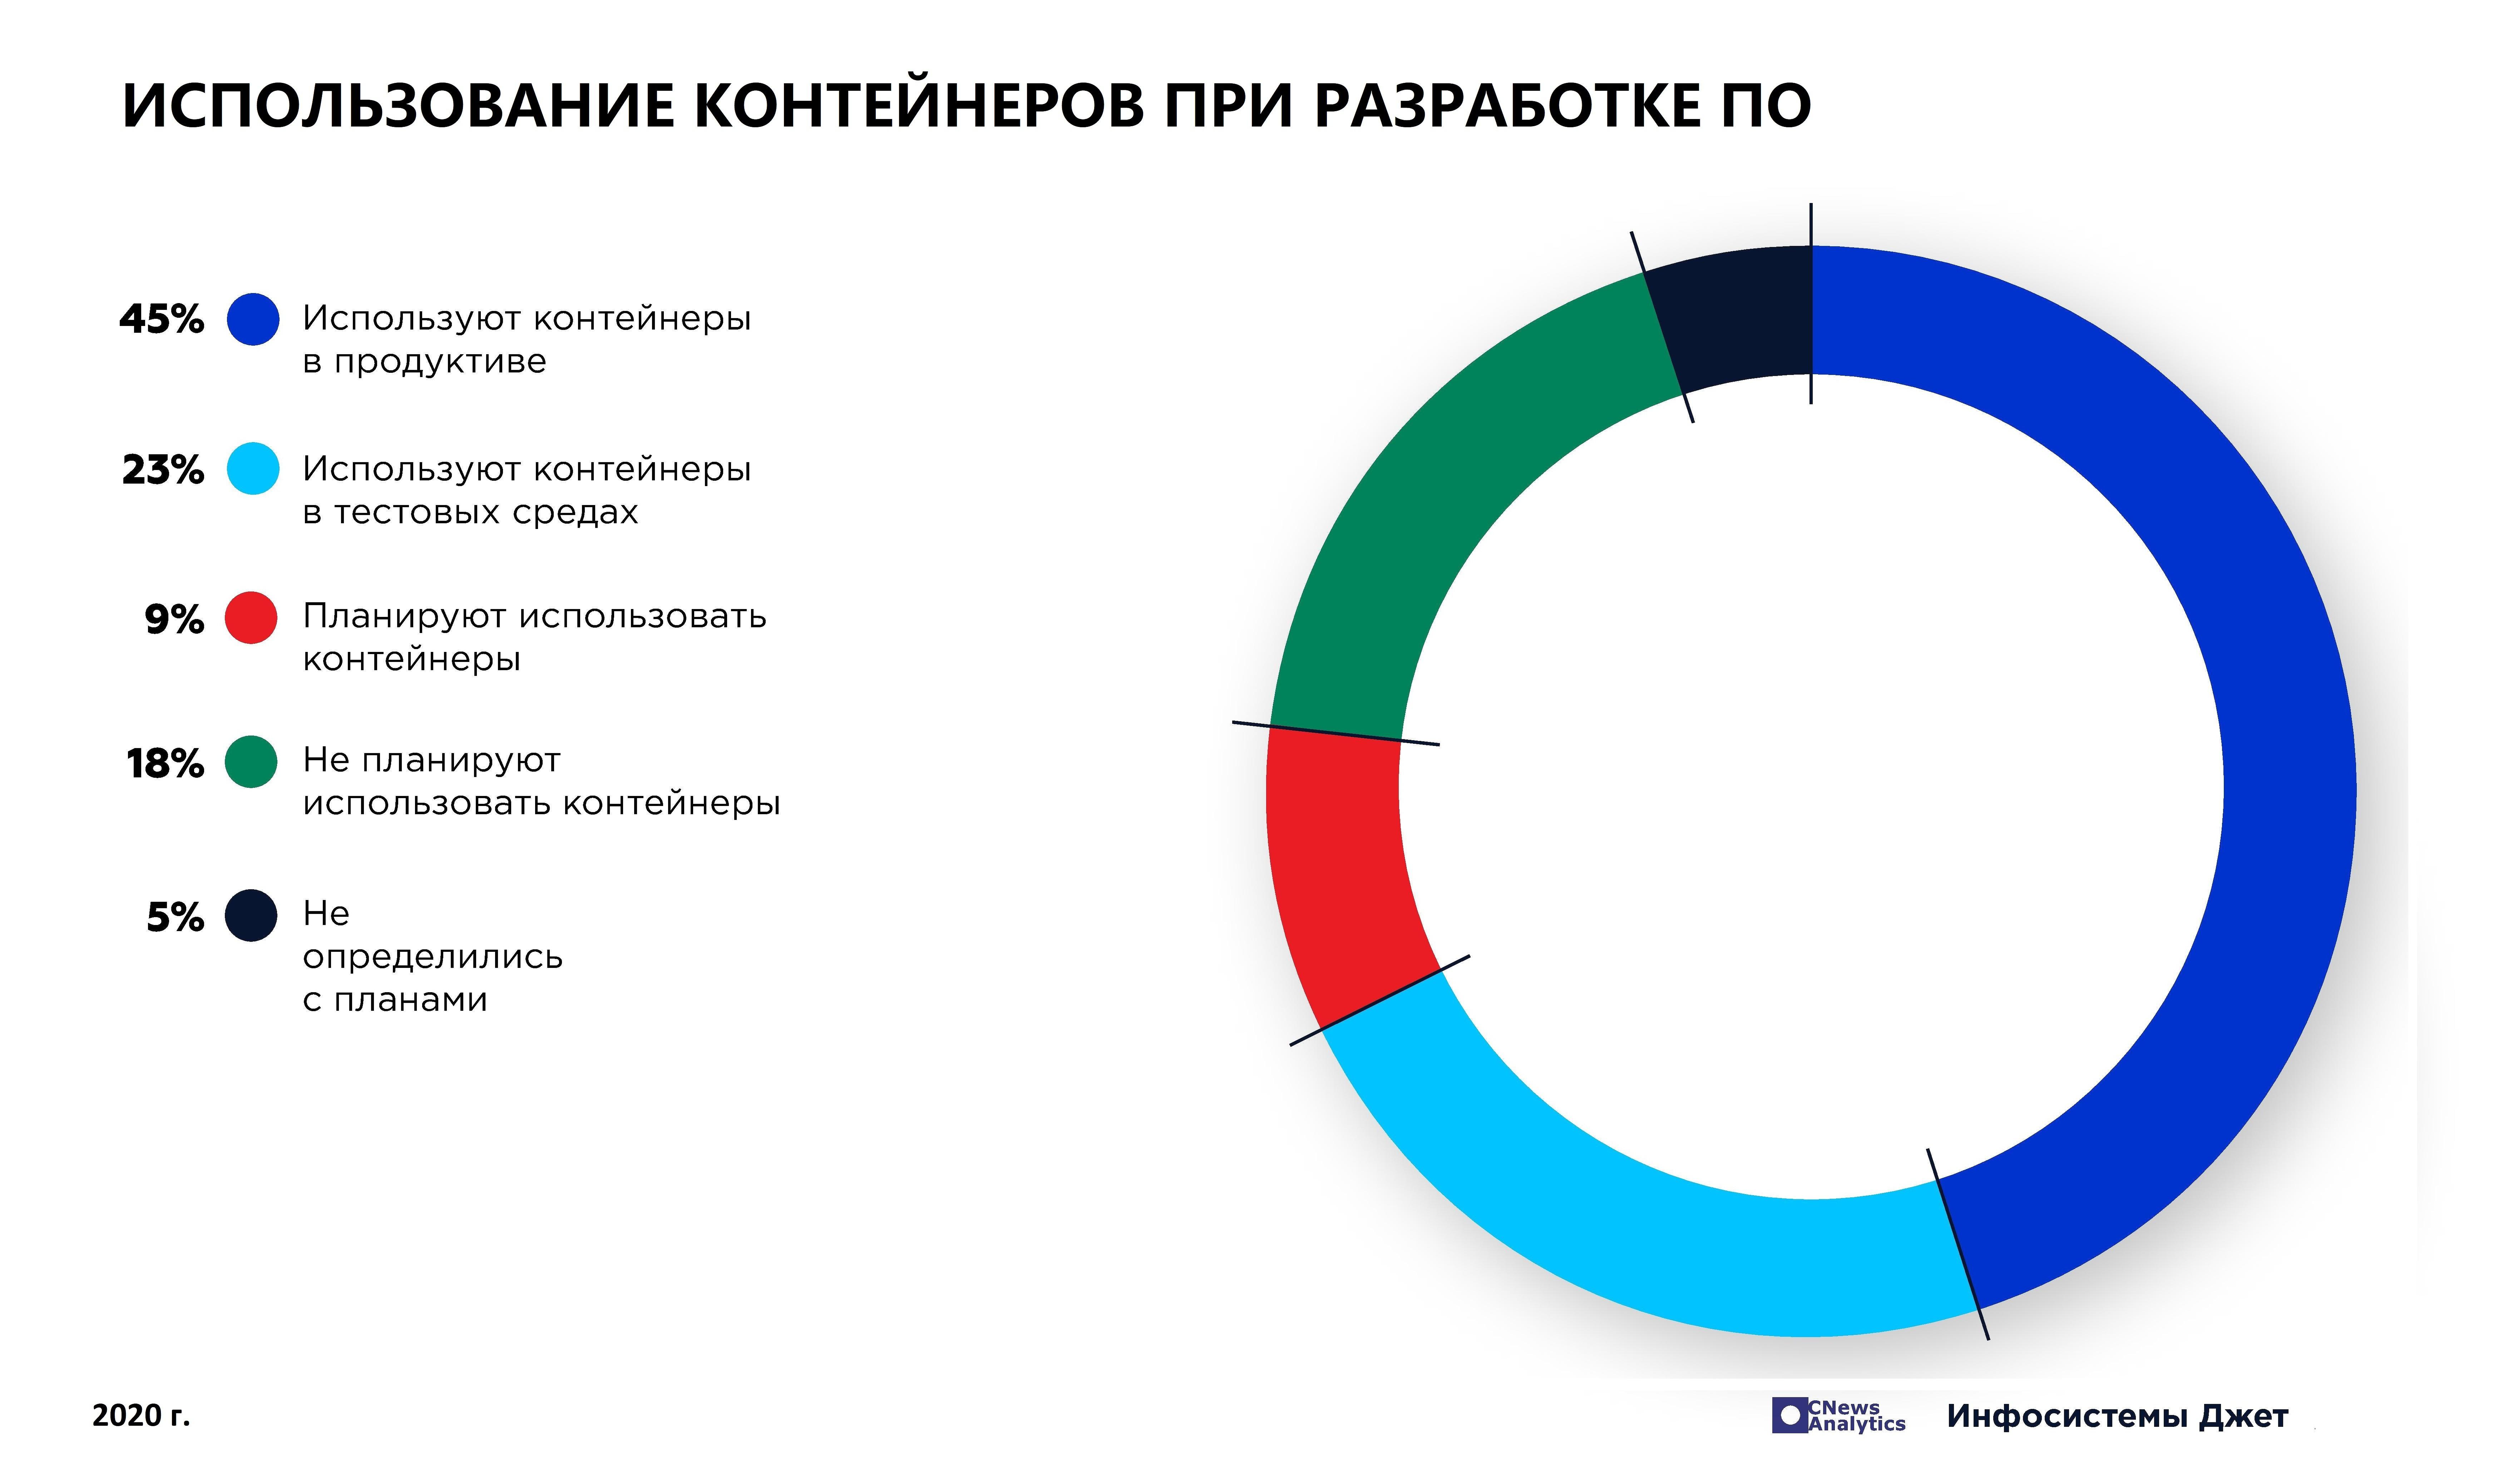 ispolzovanie_kontejnerov_pri_razrabotke_po2020.jpg